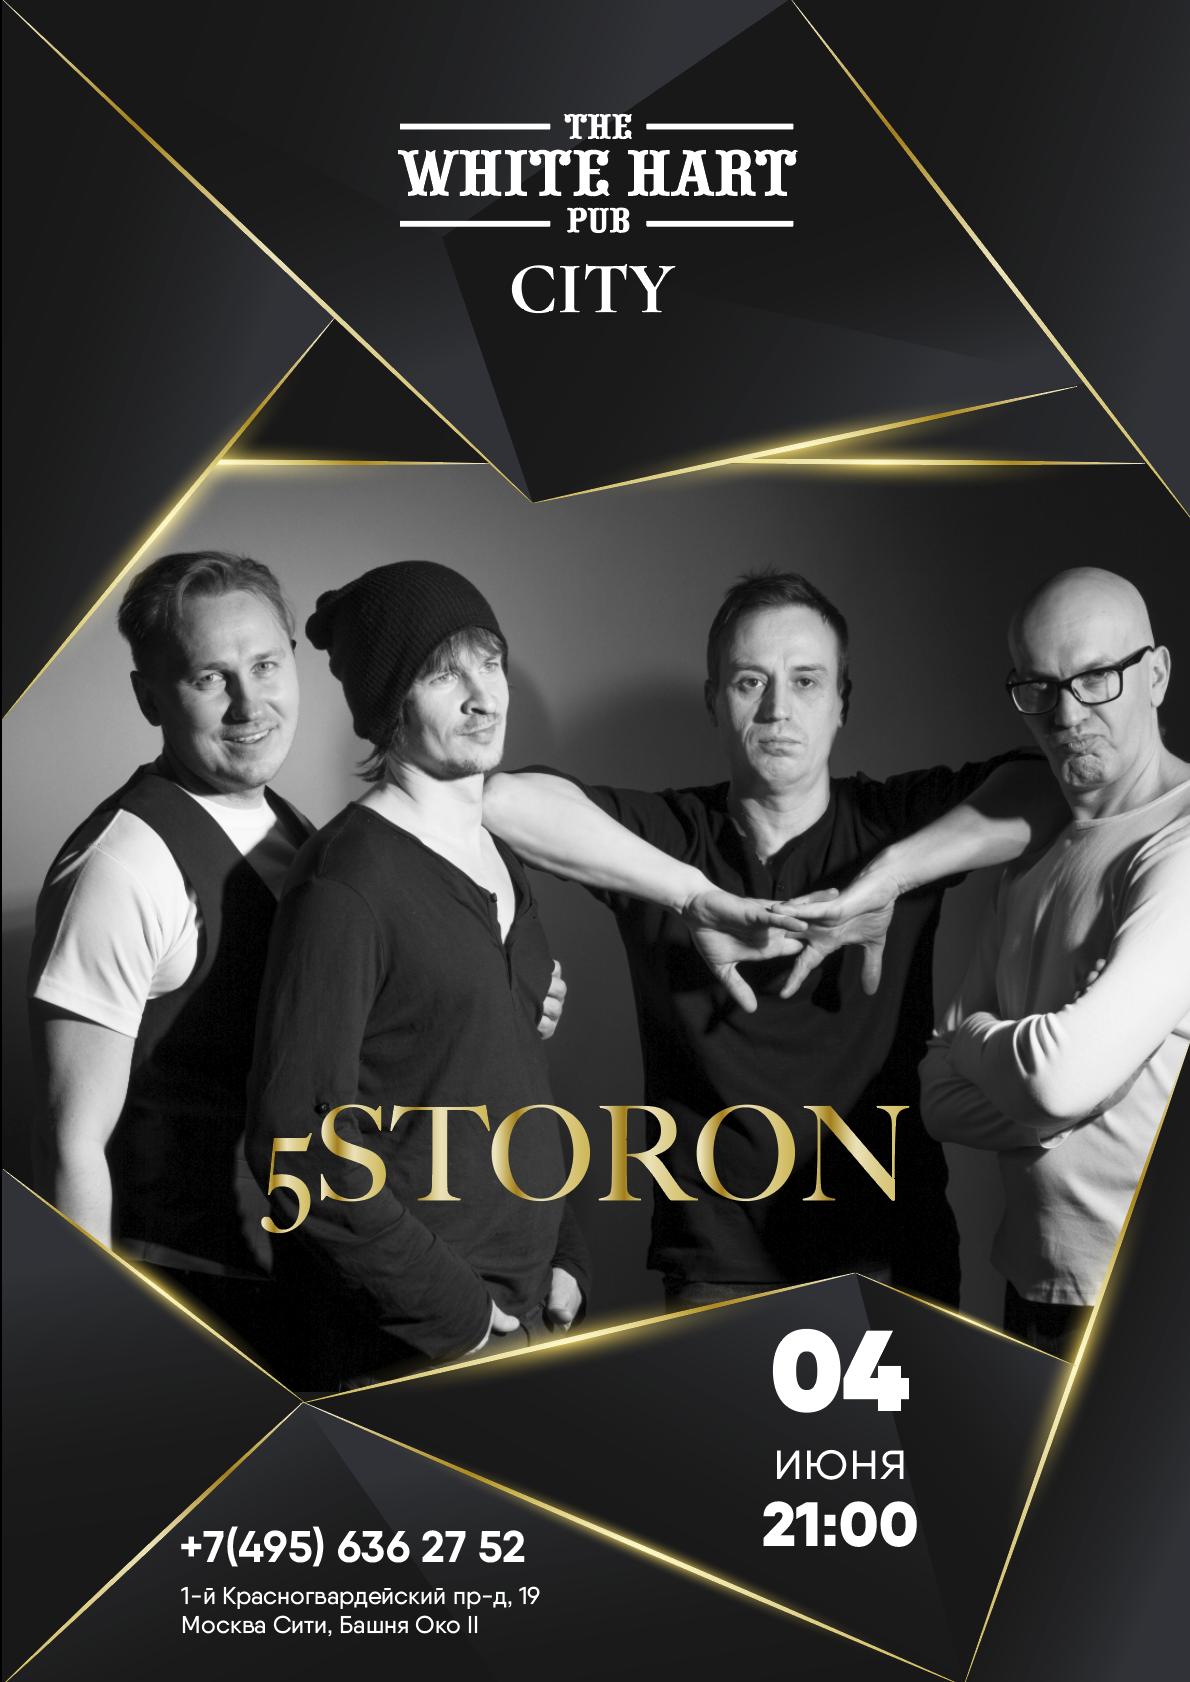 Афиша! 04 Июня — Кавер группа 5 STORON в White Hart Pub Moscow City